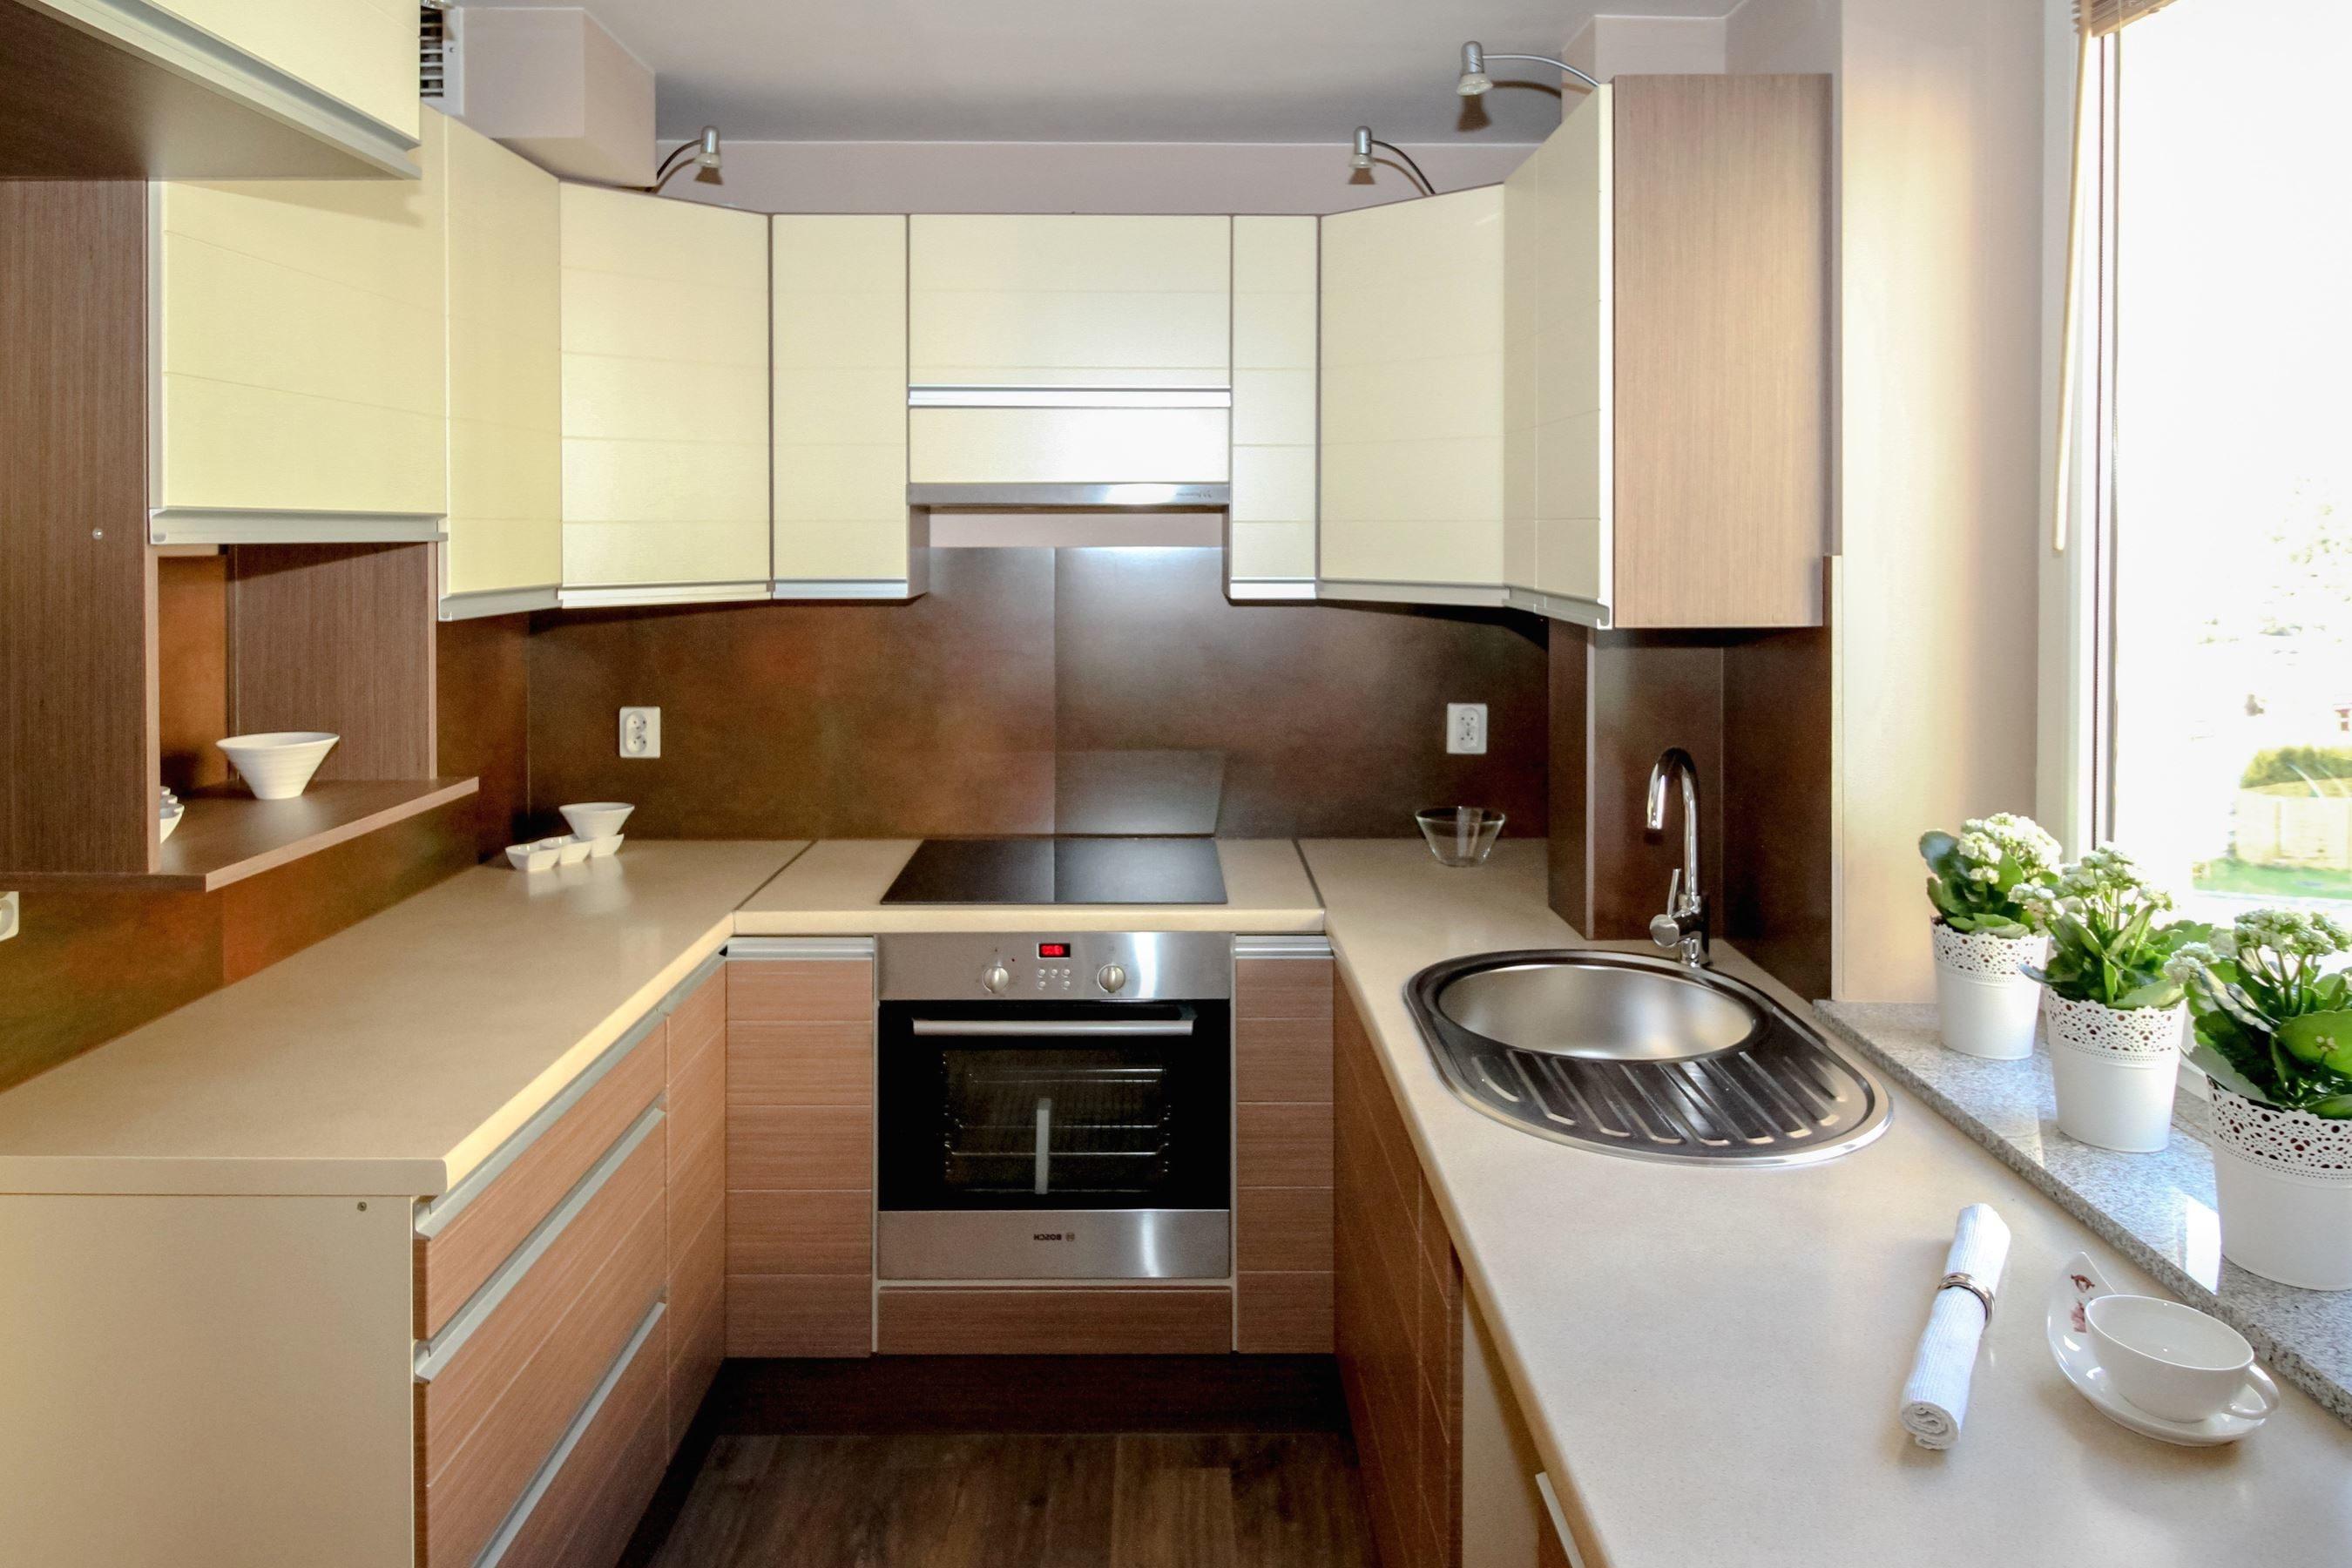 Foto gratis: Forno, cucina, lavandino, vaso da fiori, pianta ...